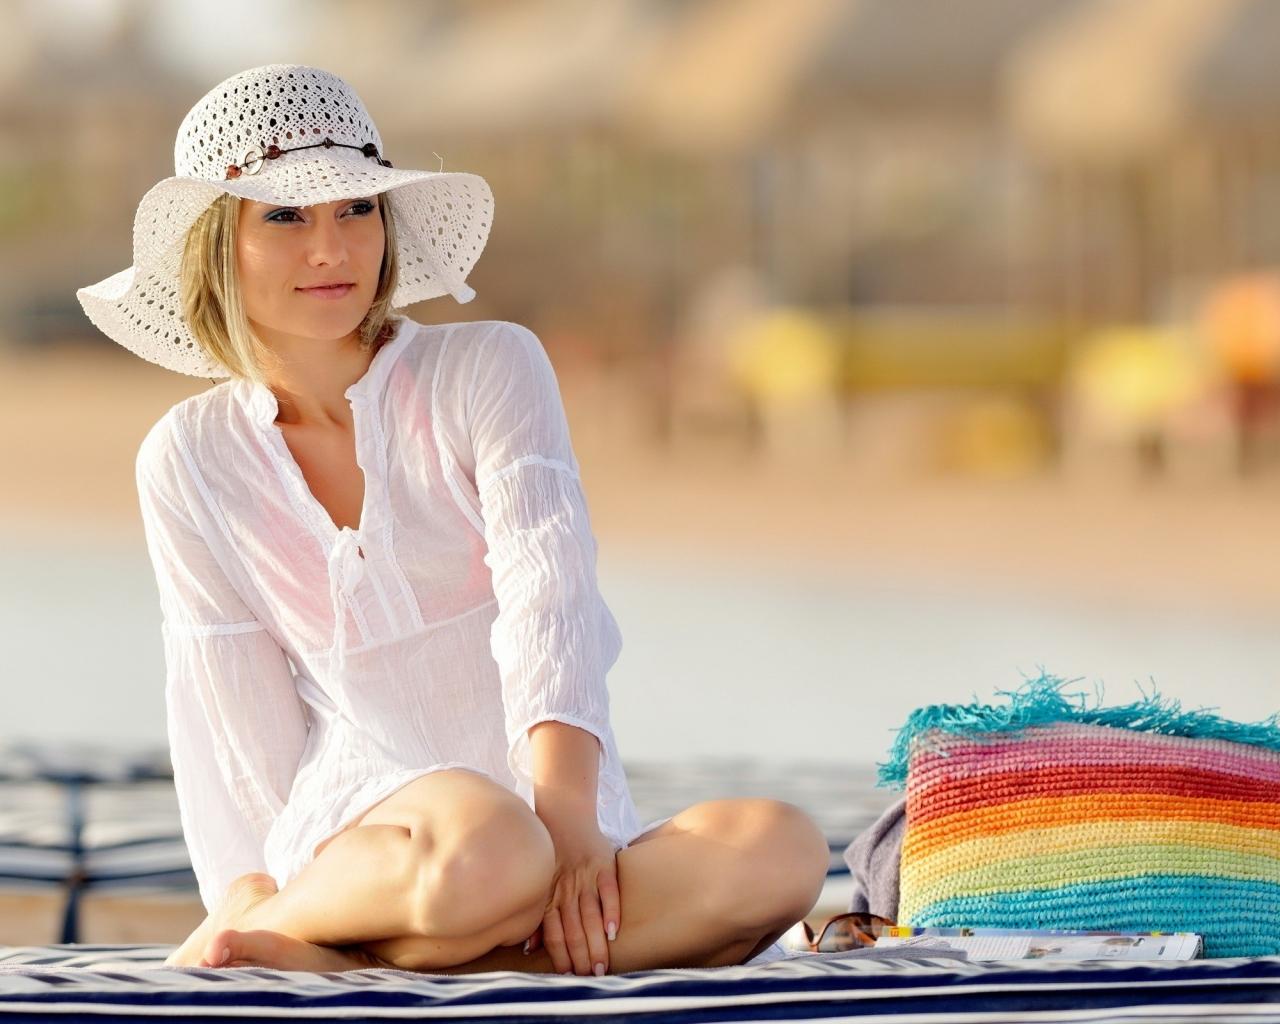 Chica con sombrero - 1280x1024